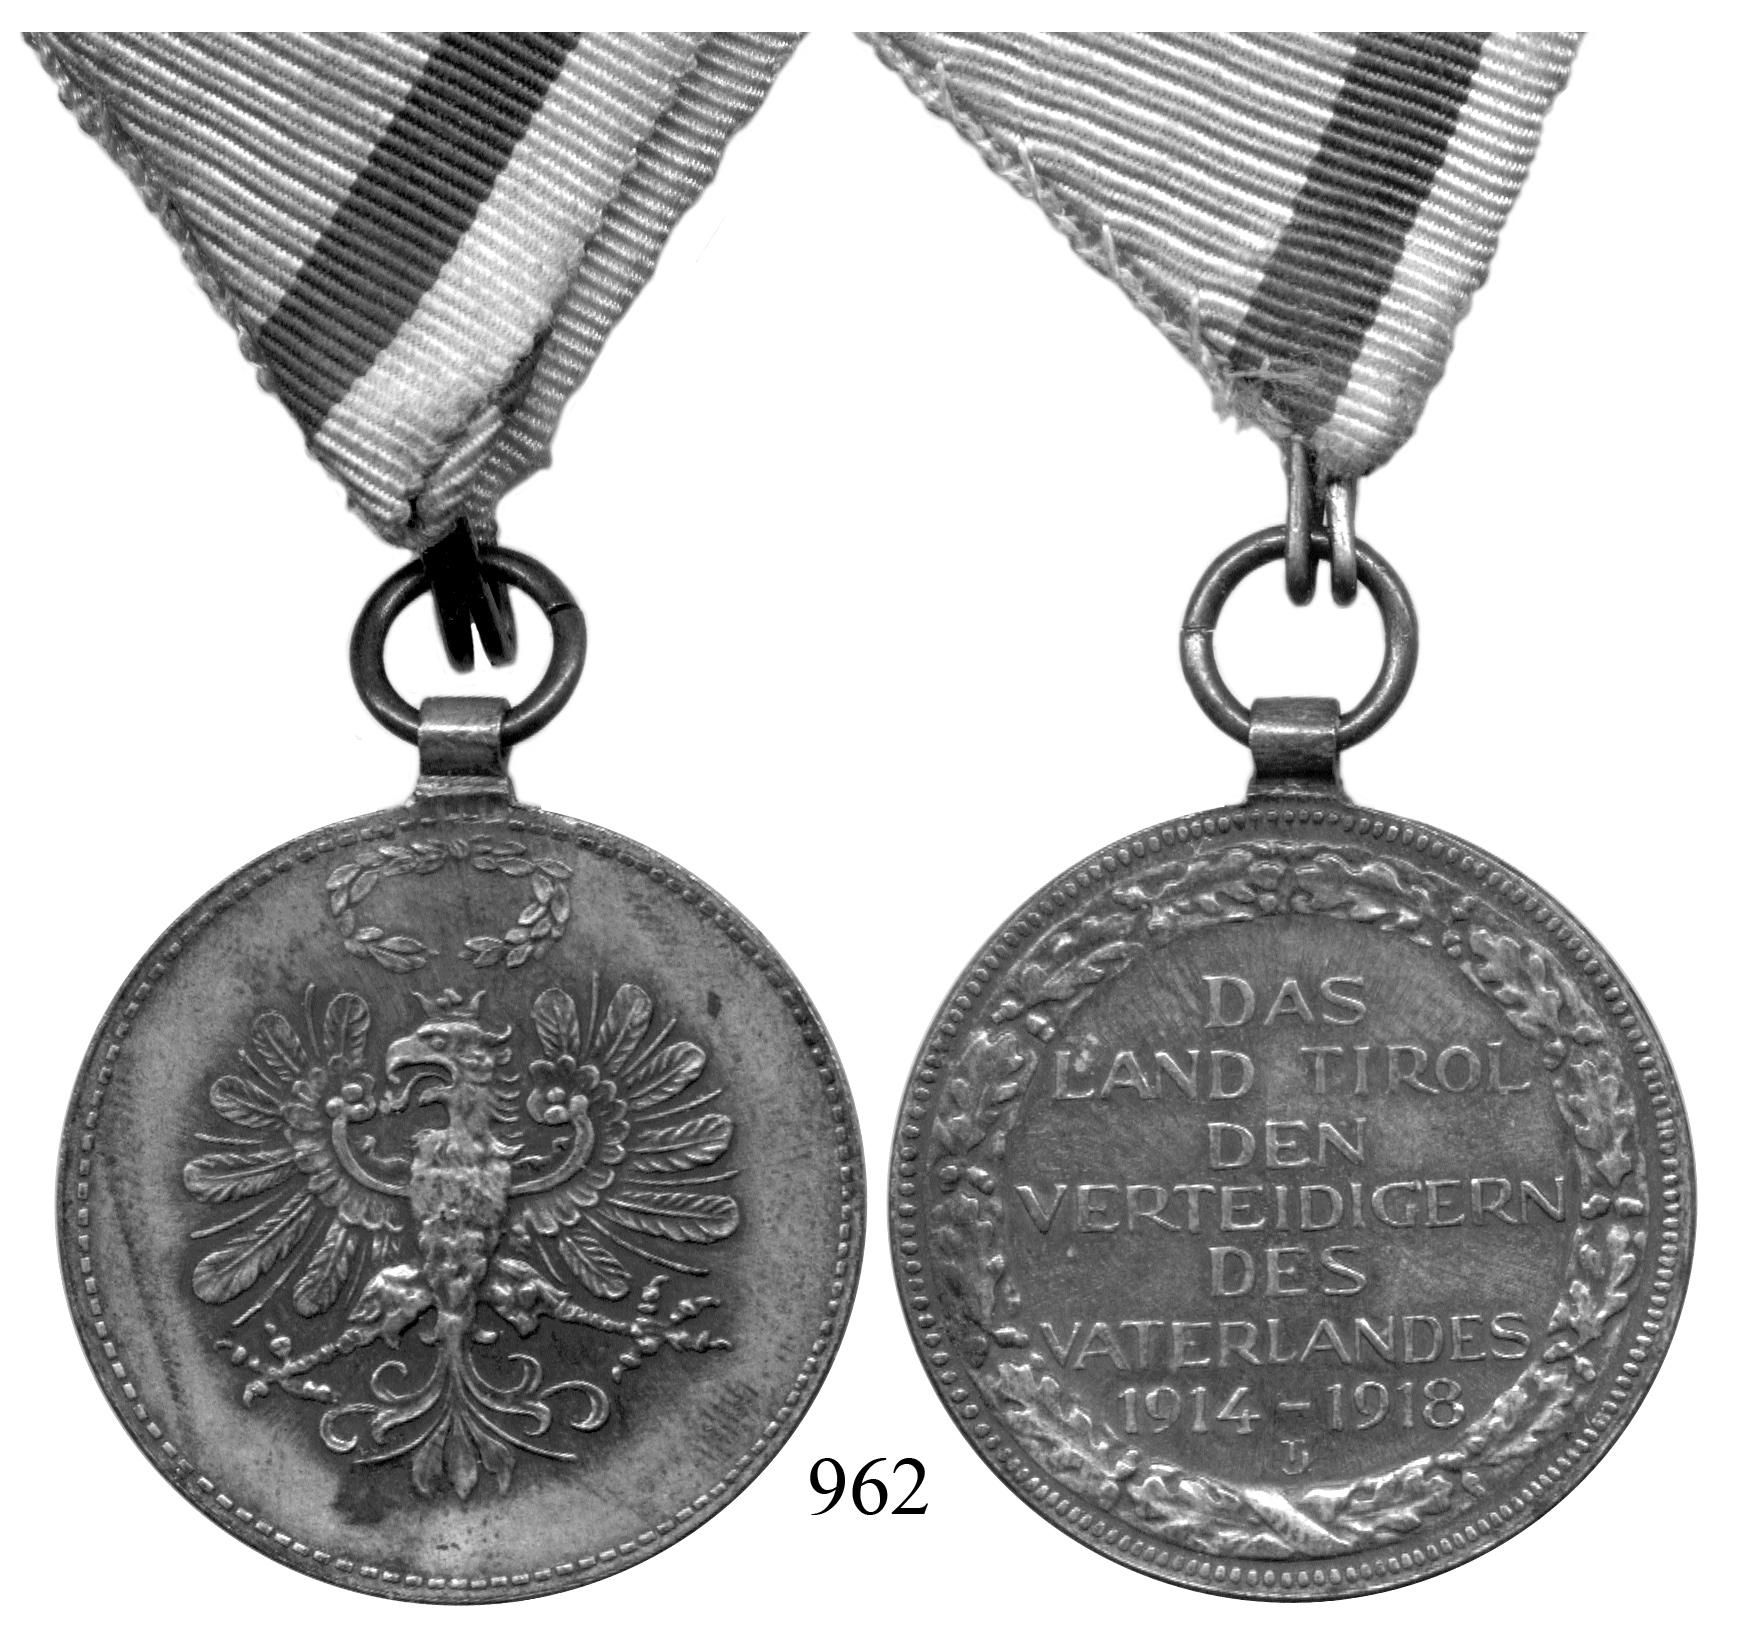 Ru pamětní med za válku 1914 1918 maďarský znak s korunou v